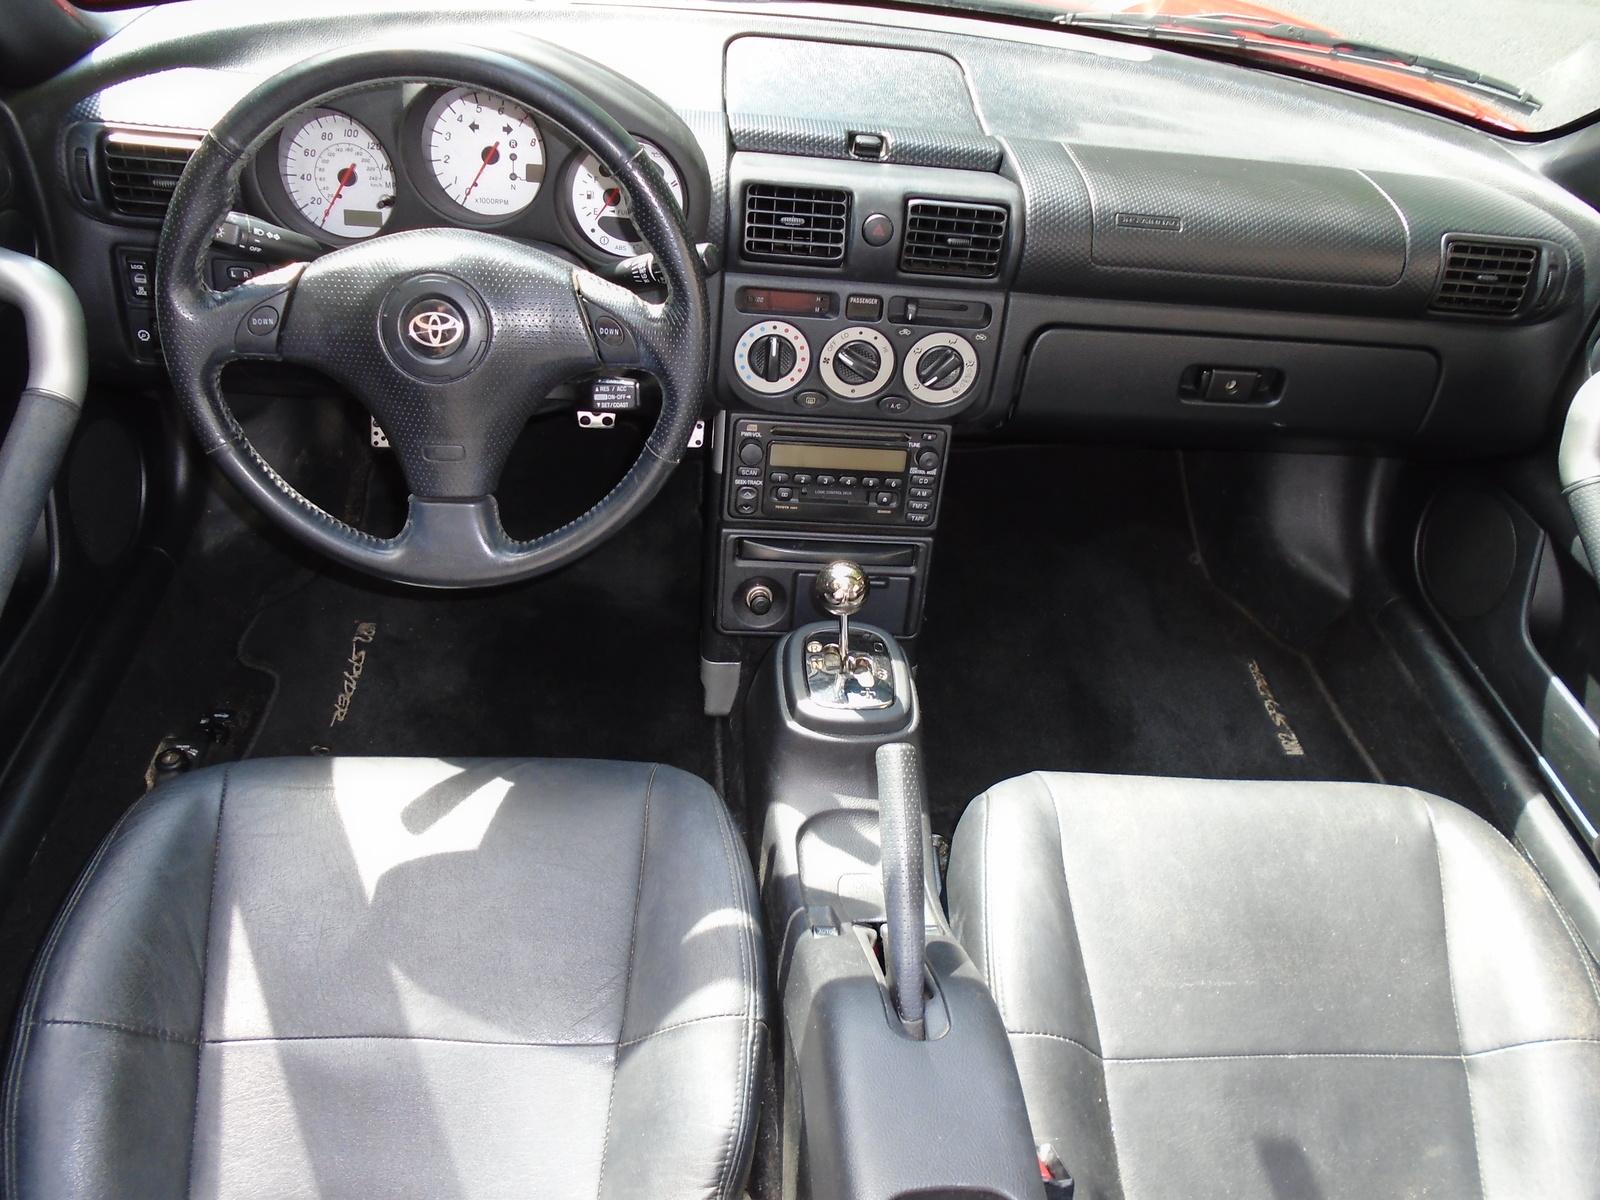 2002 Toyota Mr2 Spyder Interior Pictures Cargurus